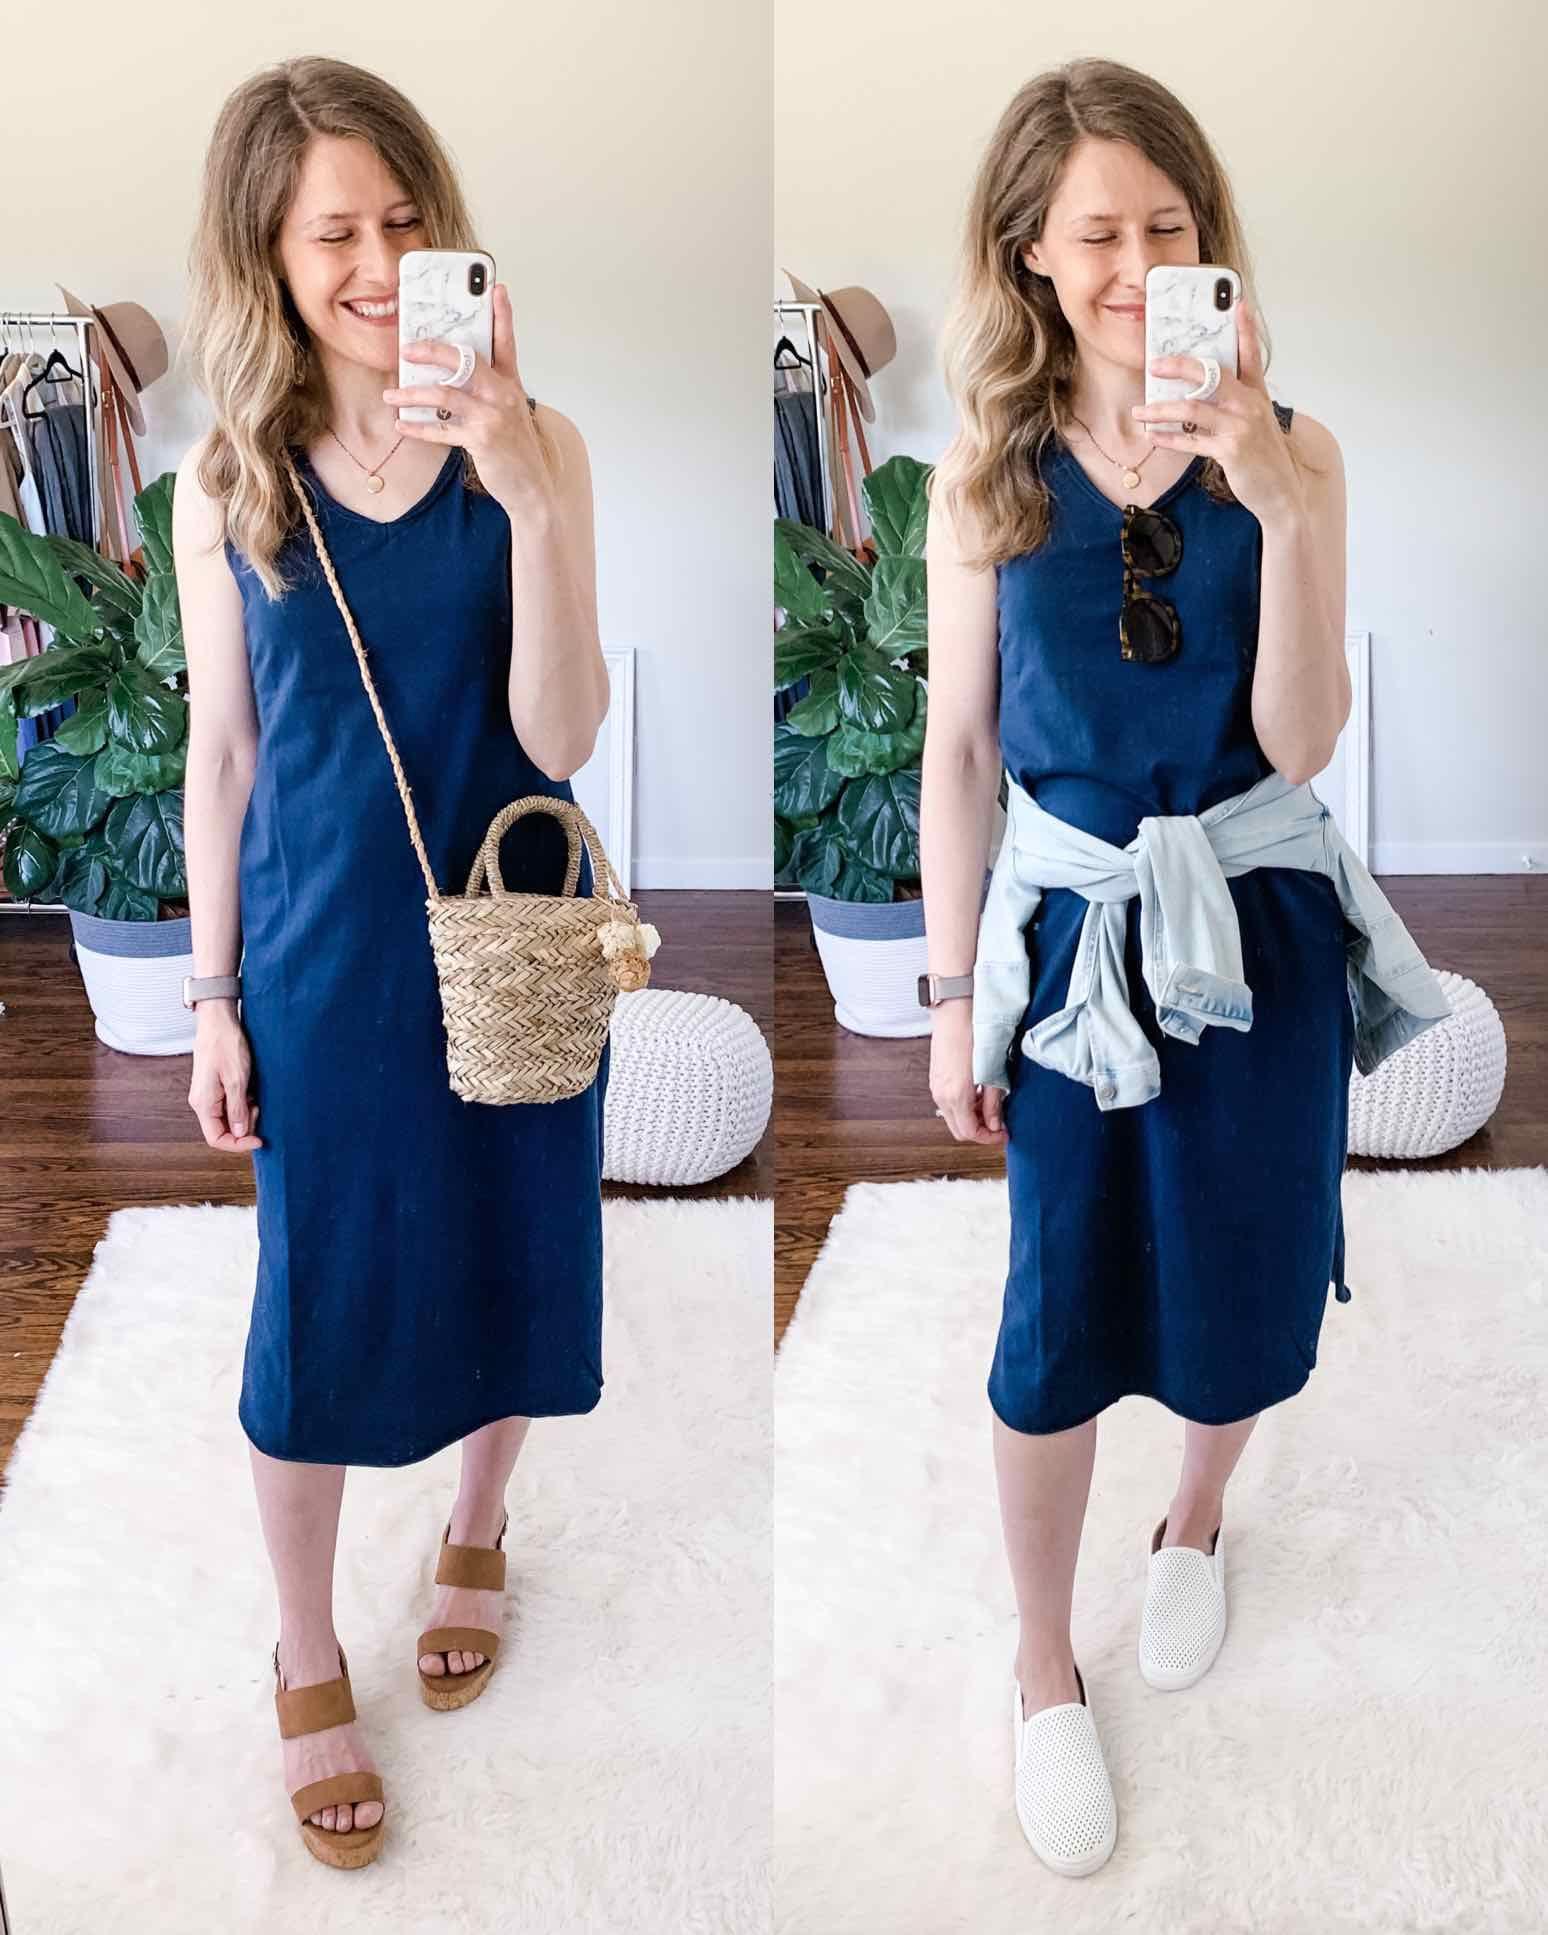 Walmart 13 Midi Dress Midi Dress Dresses Fashion [ 1935 x 1548 Pixel ]